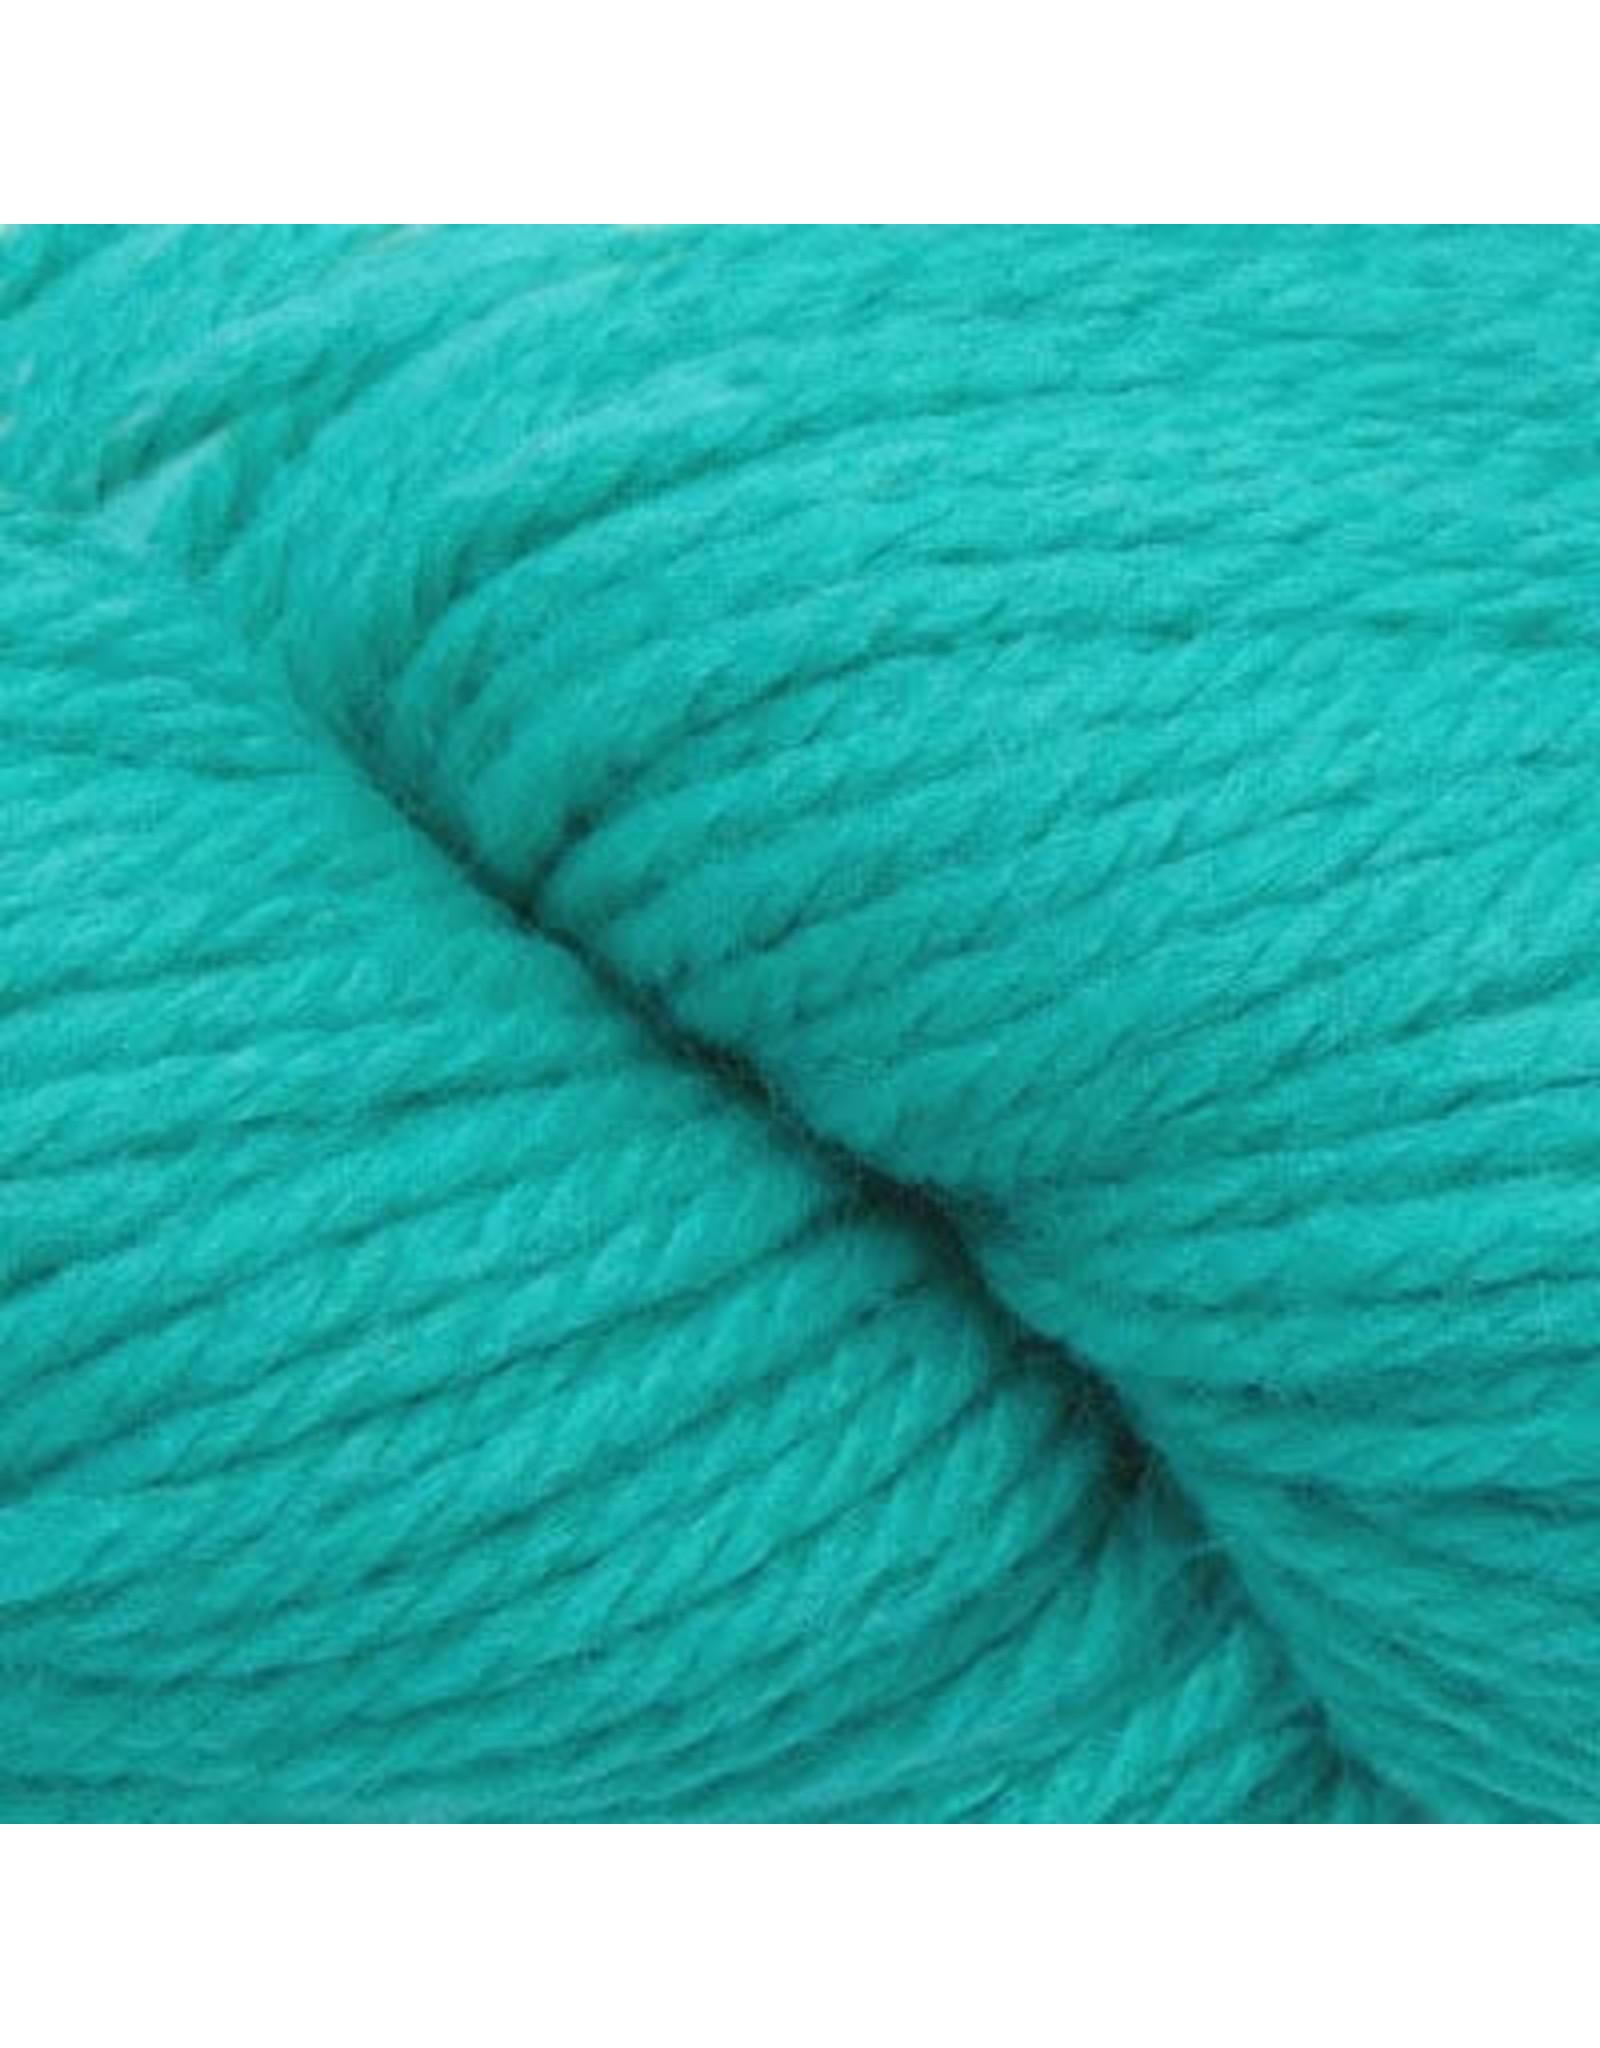 Estelle yarns Estelle Chunky - 3 de 3